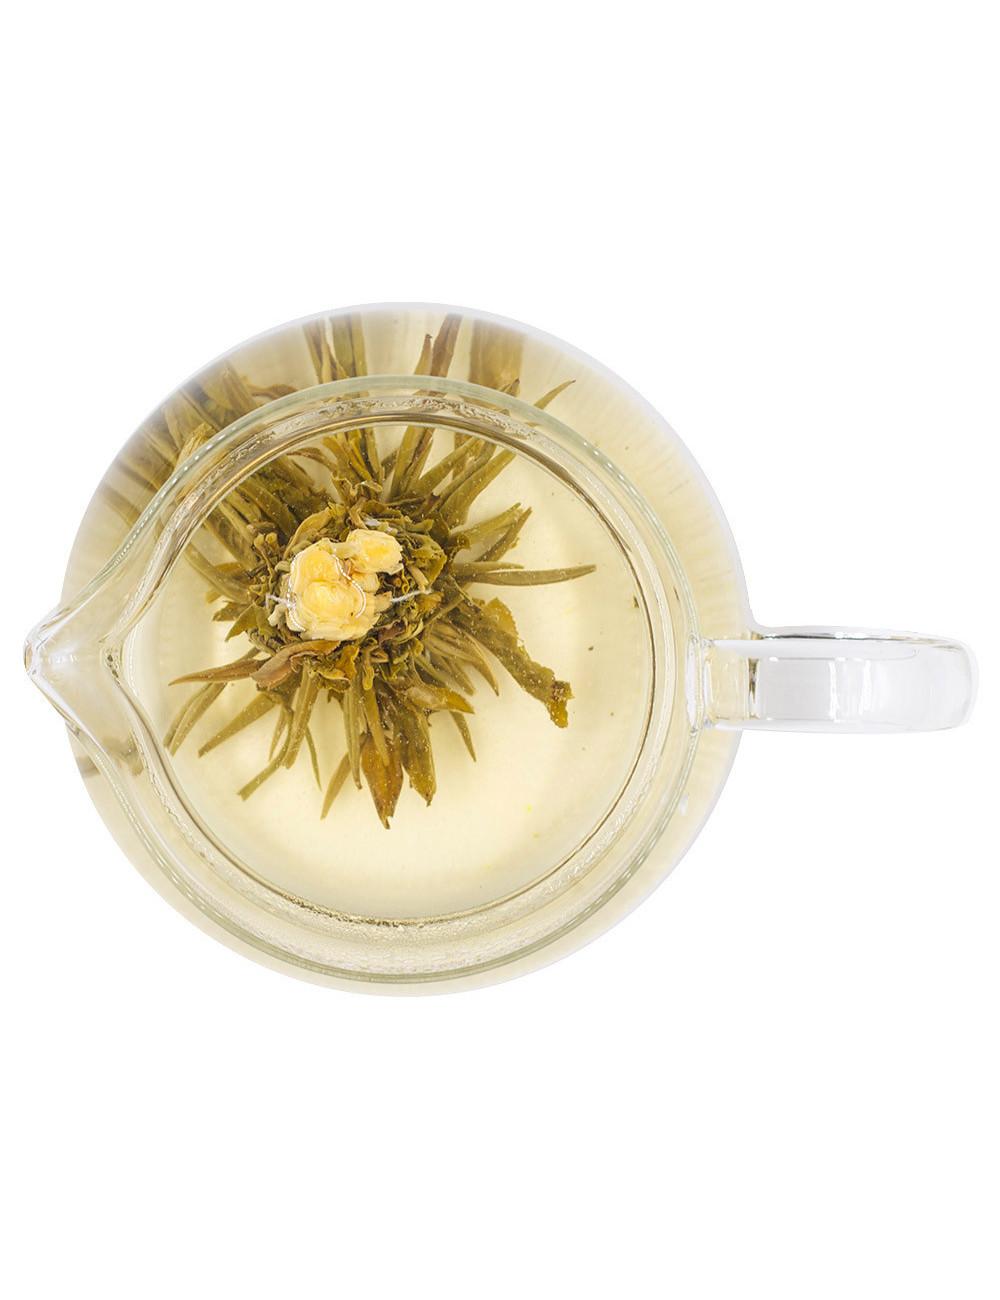 Petali di Poesia Bouquet di tè verde - La Pianta del Tè shop online